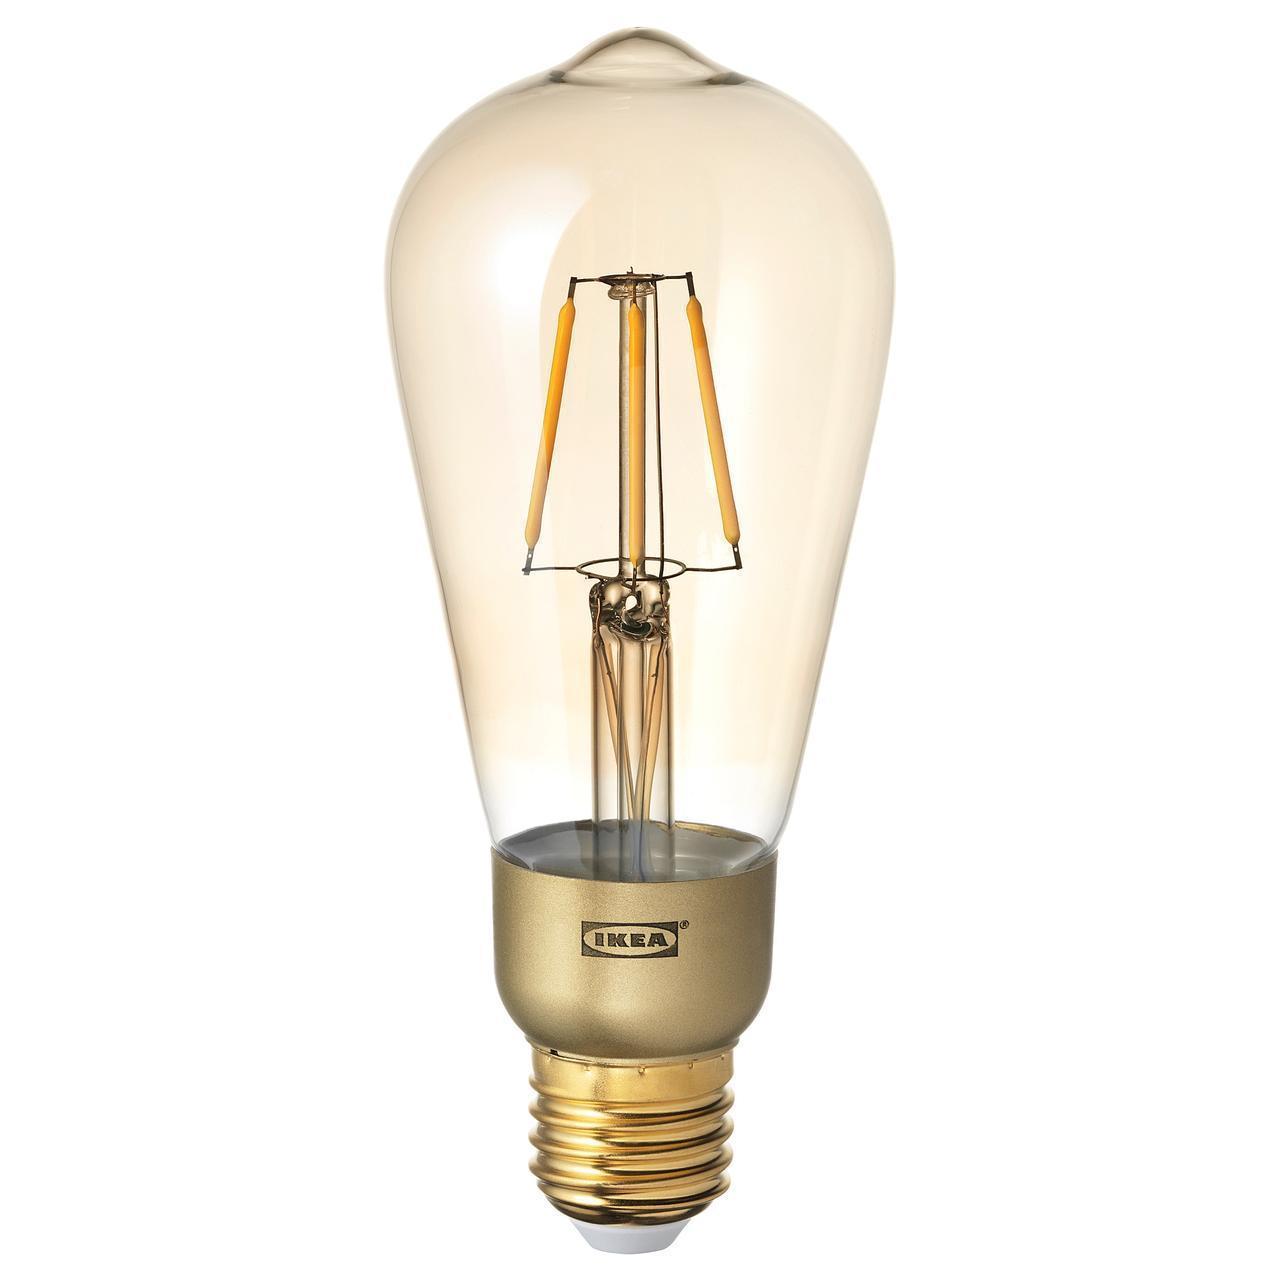 IKEA LUNNOM Светодиодная лампа E27 400 люмен, регулируемая яркость, падение-формы (903.428.34)